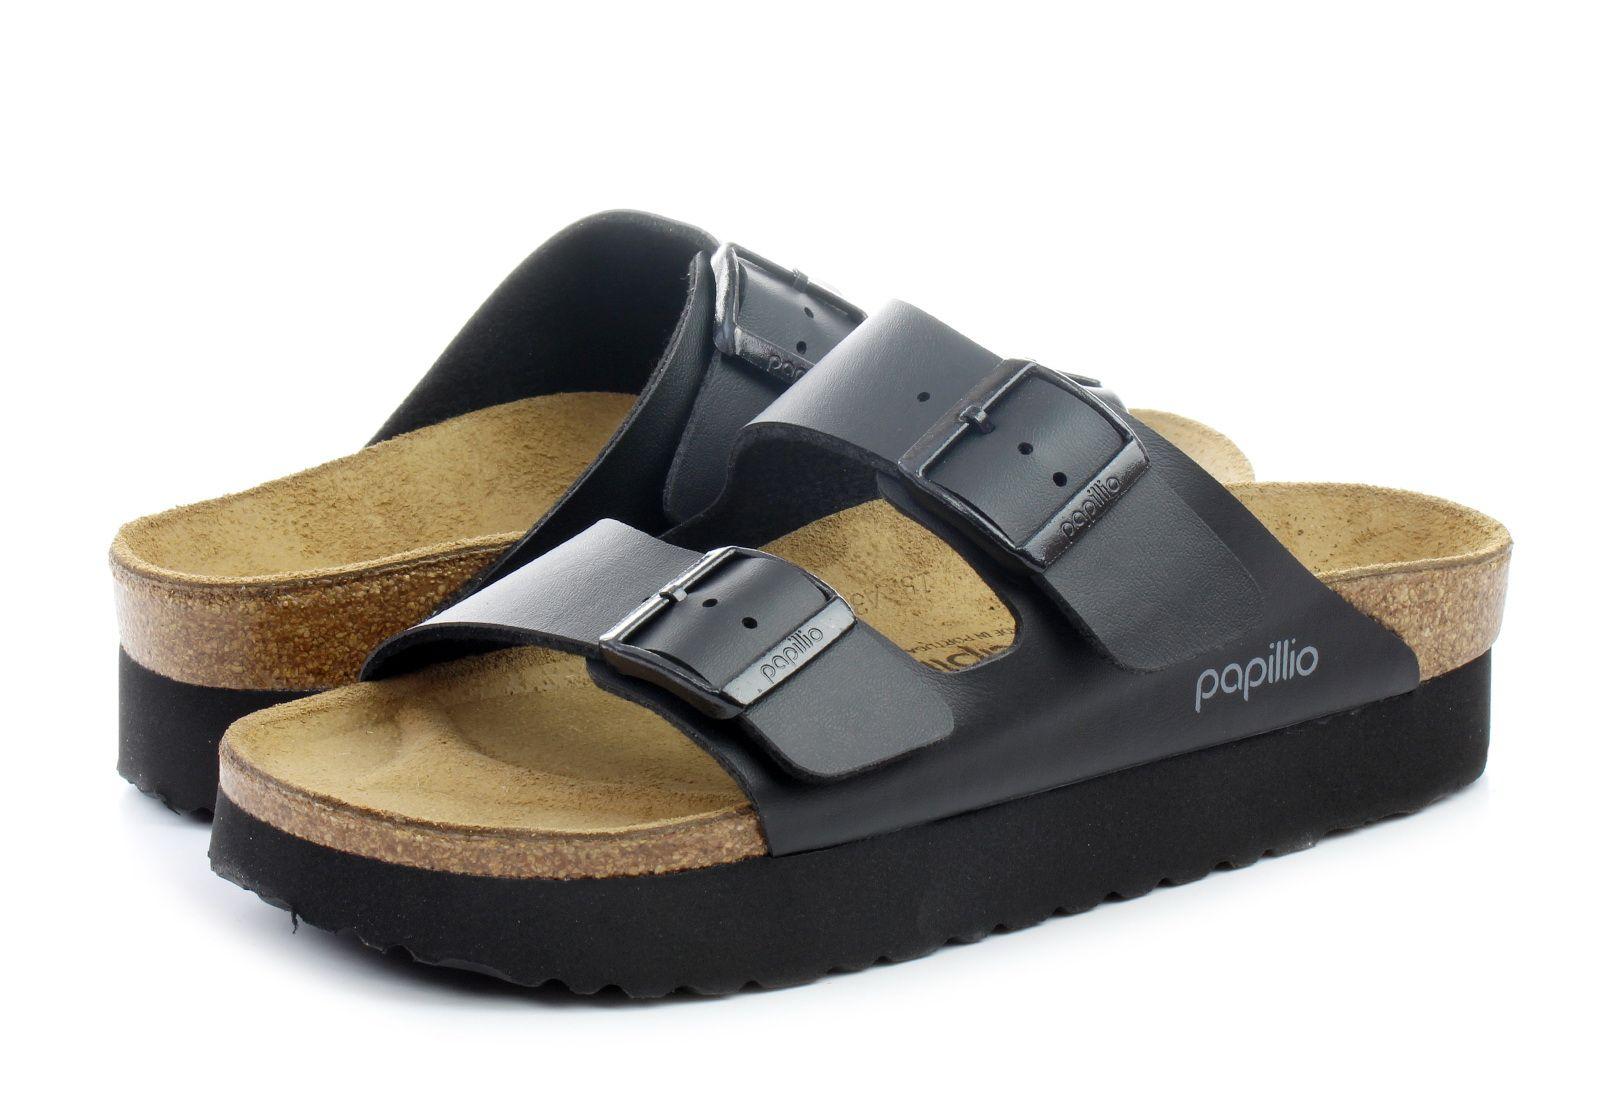 Birkenstock Klapki I Japonki Arizona 1013577 Blk Obuwie I Buty Damskie Meskie Dzieciece W Office Shoes Shoes Birkenstock Sandals